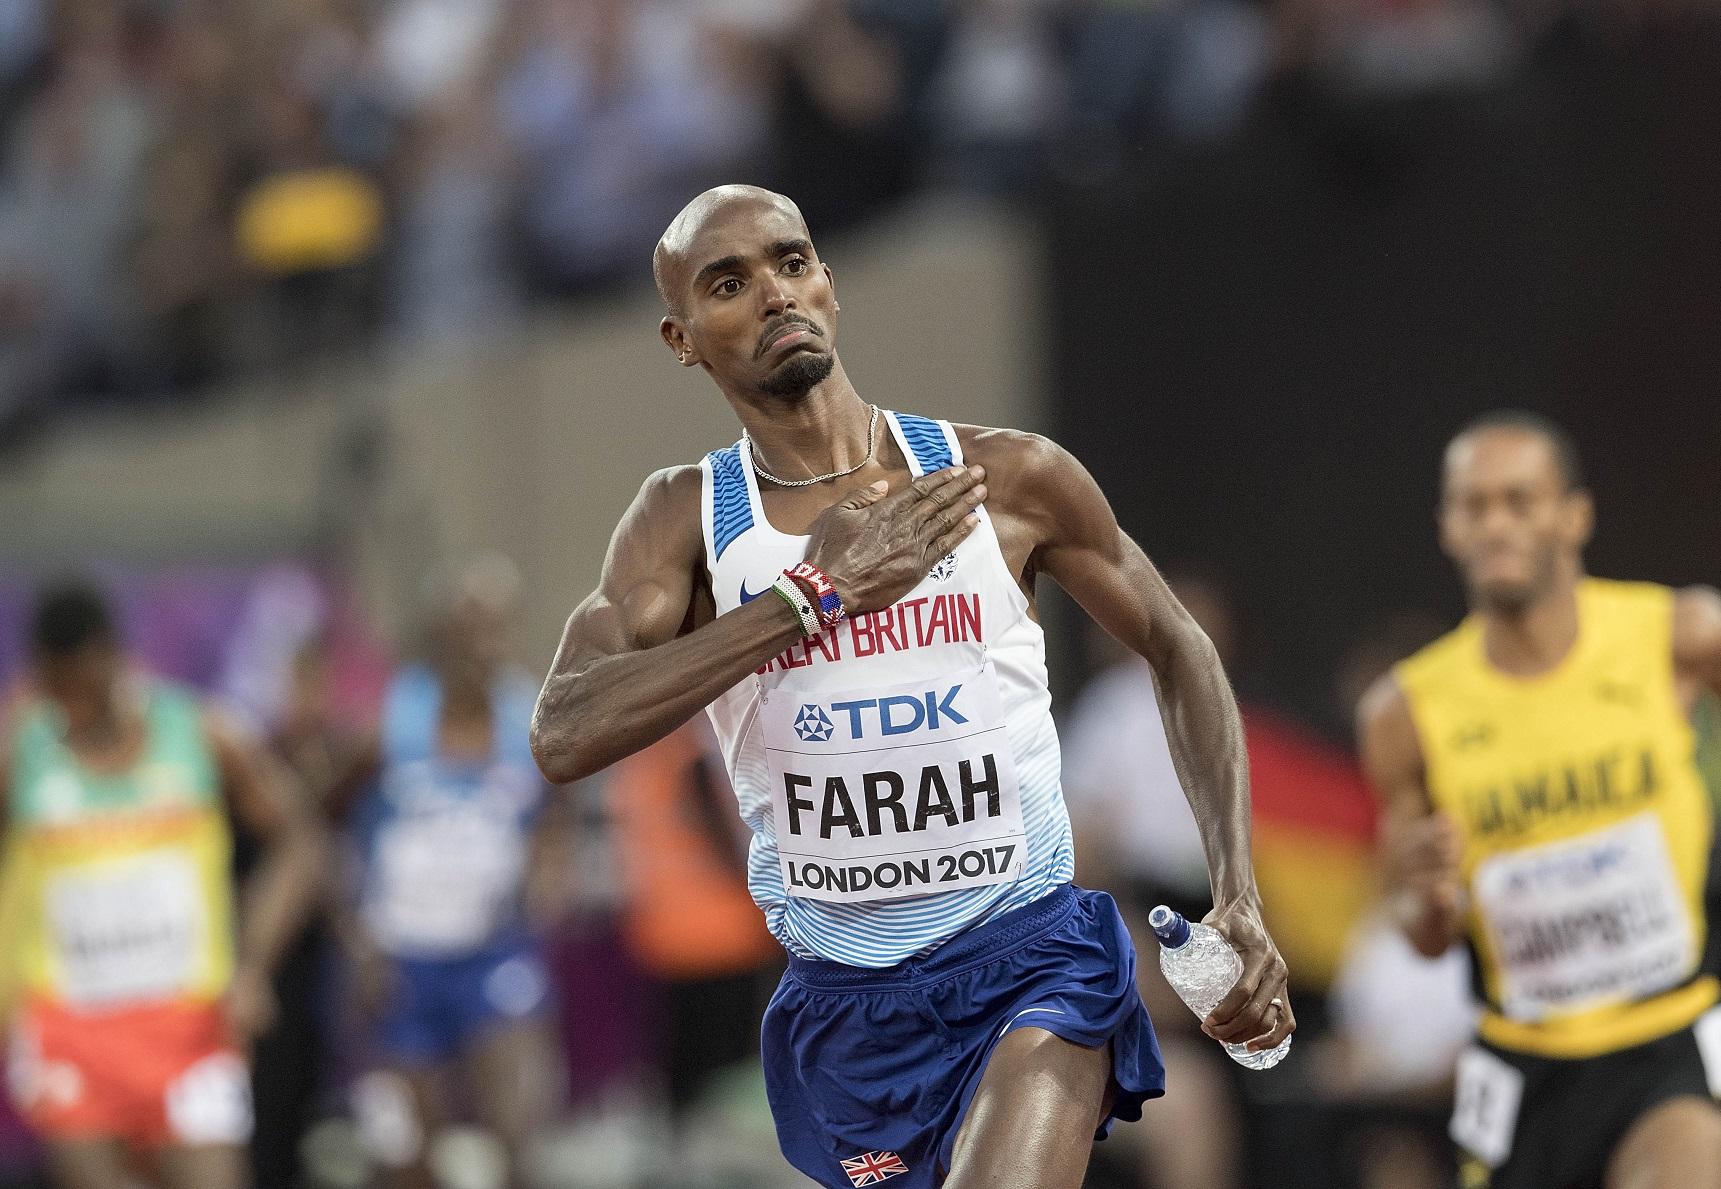 Mo Farah racing